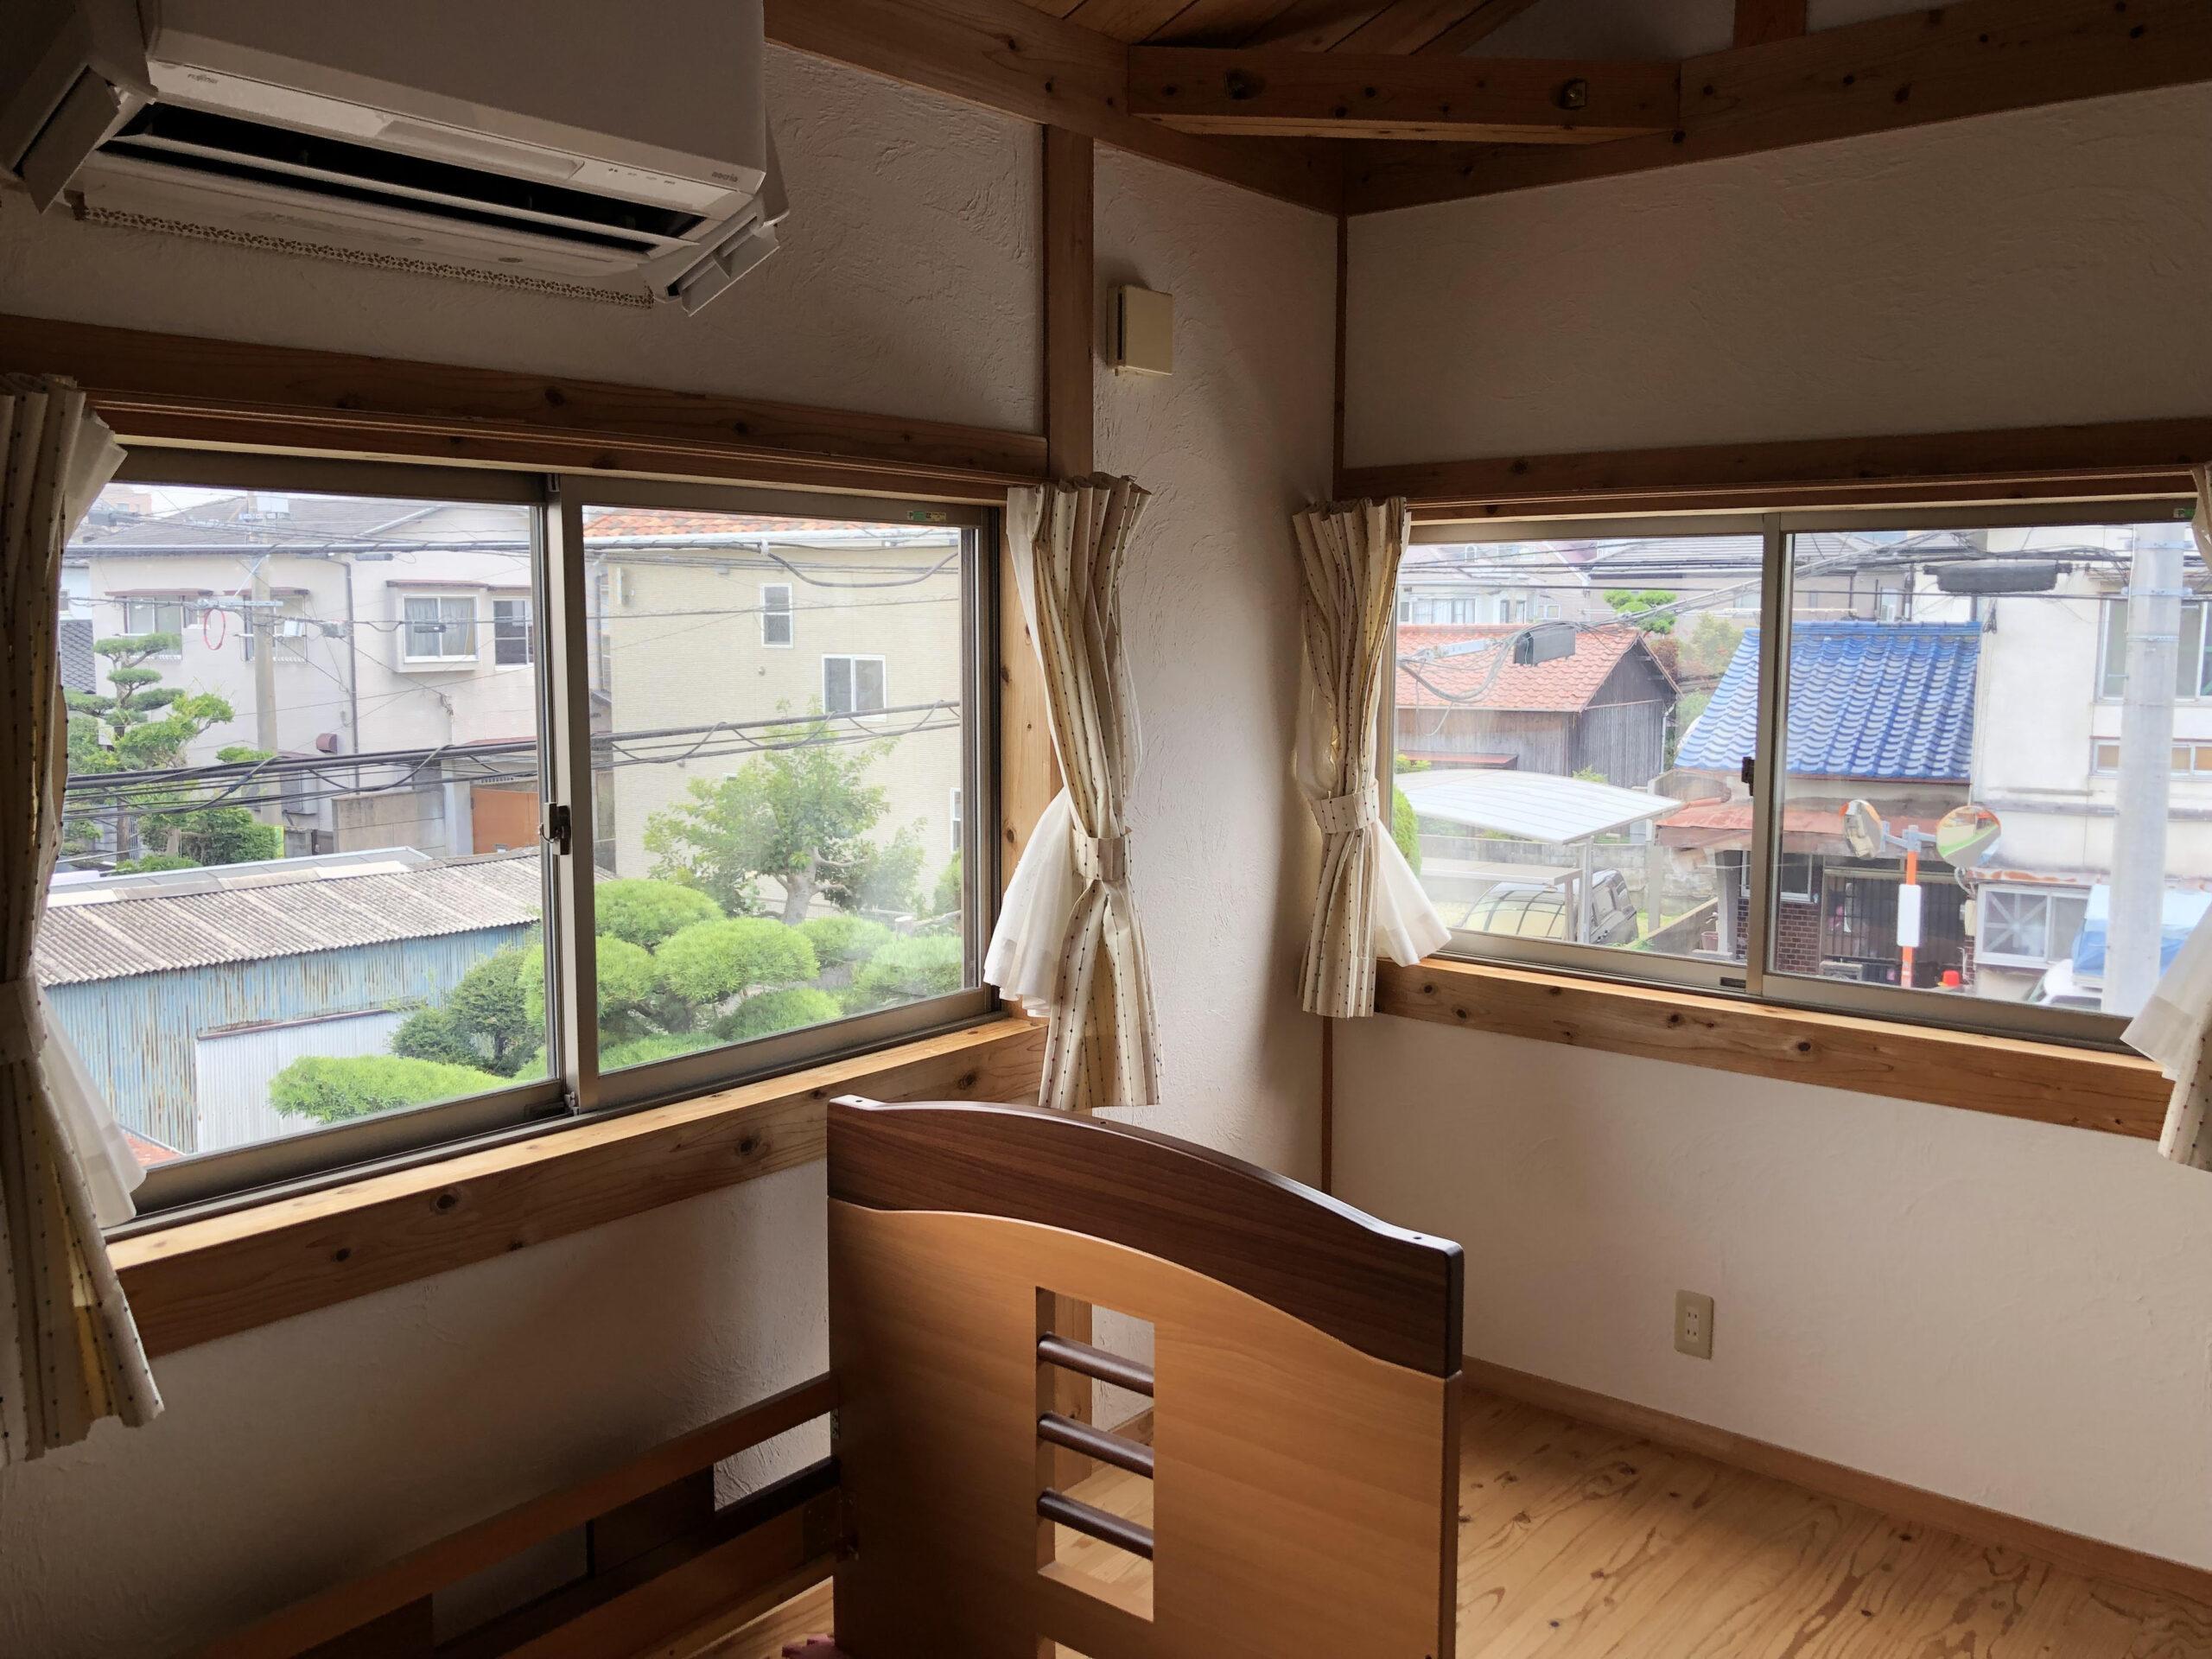 福岡市東区台風対策窓ガラスフィルム